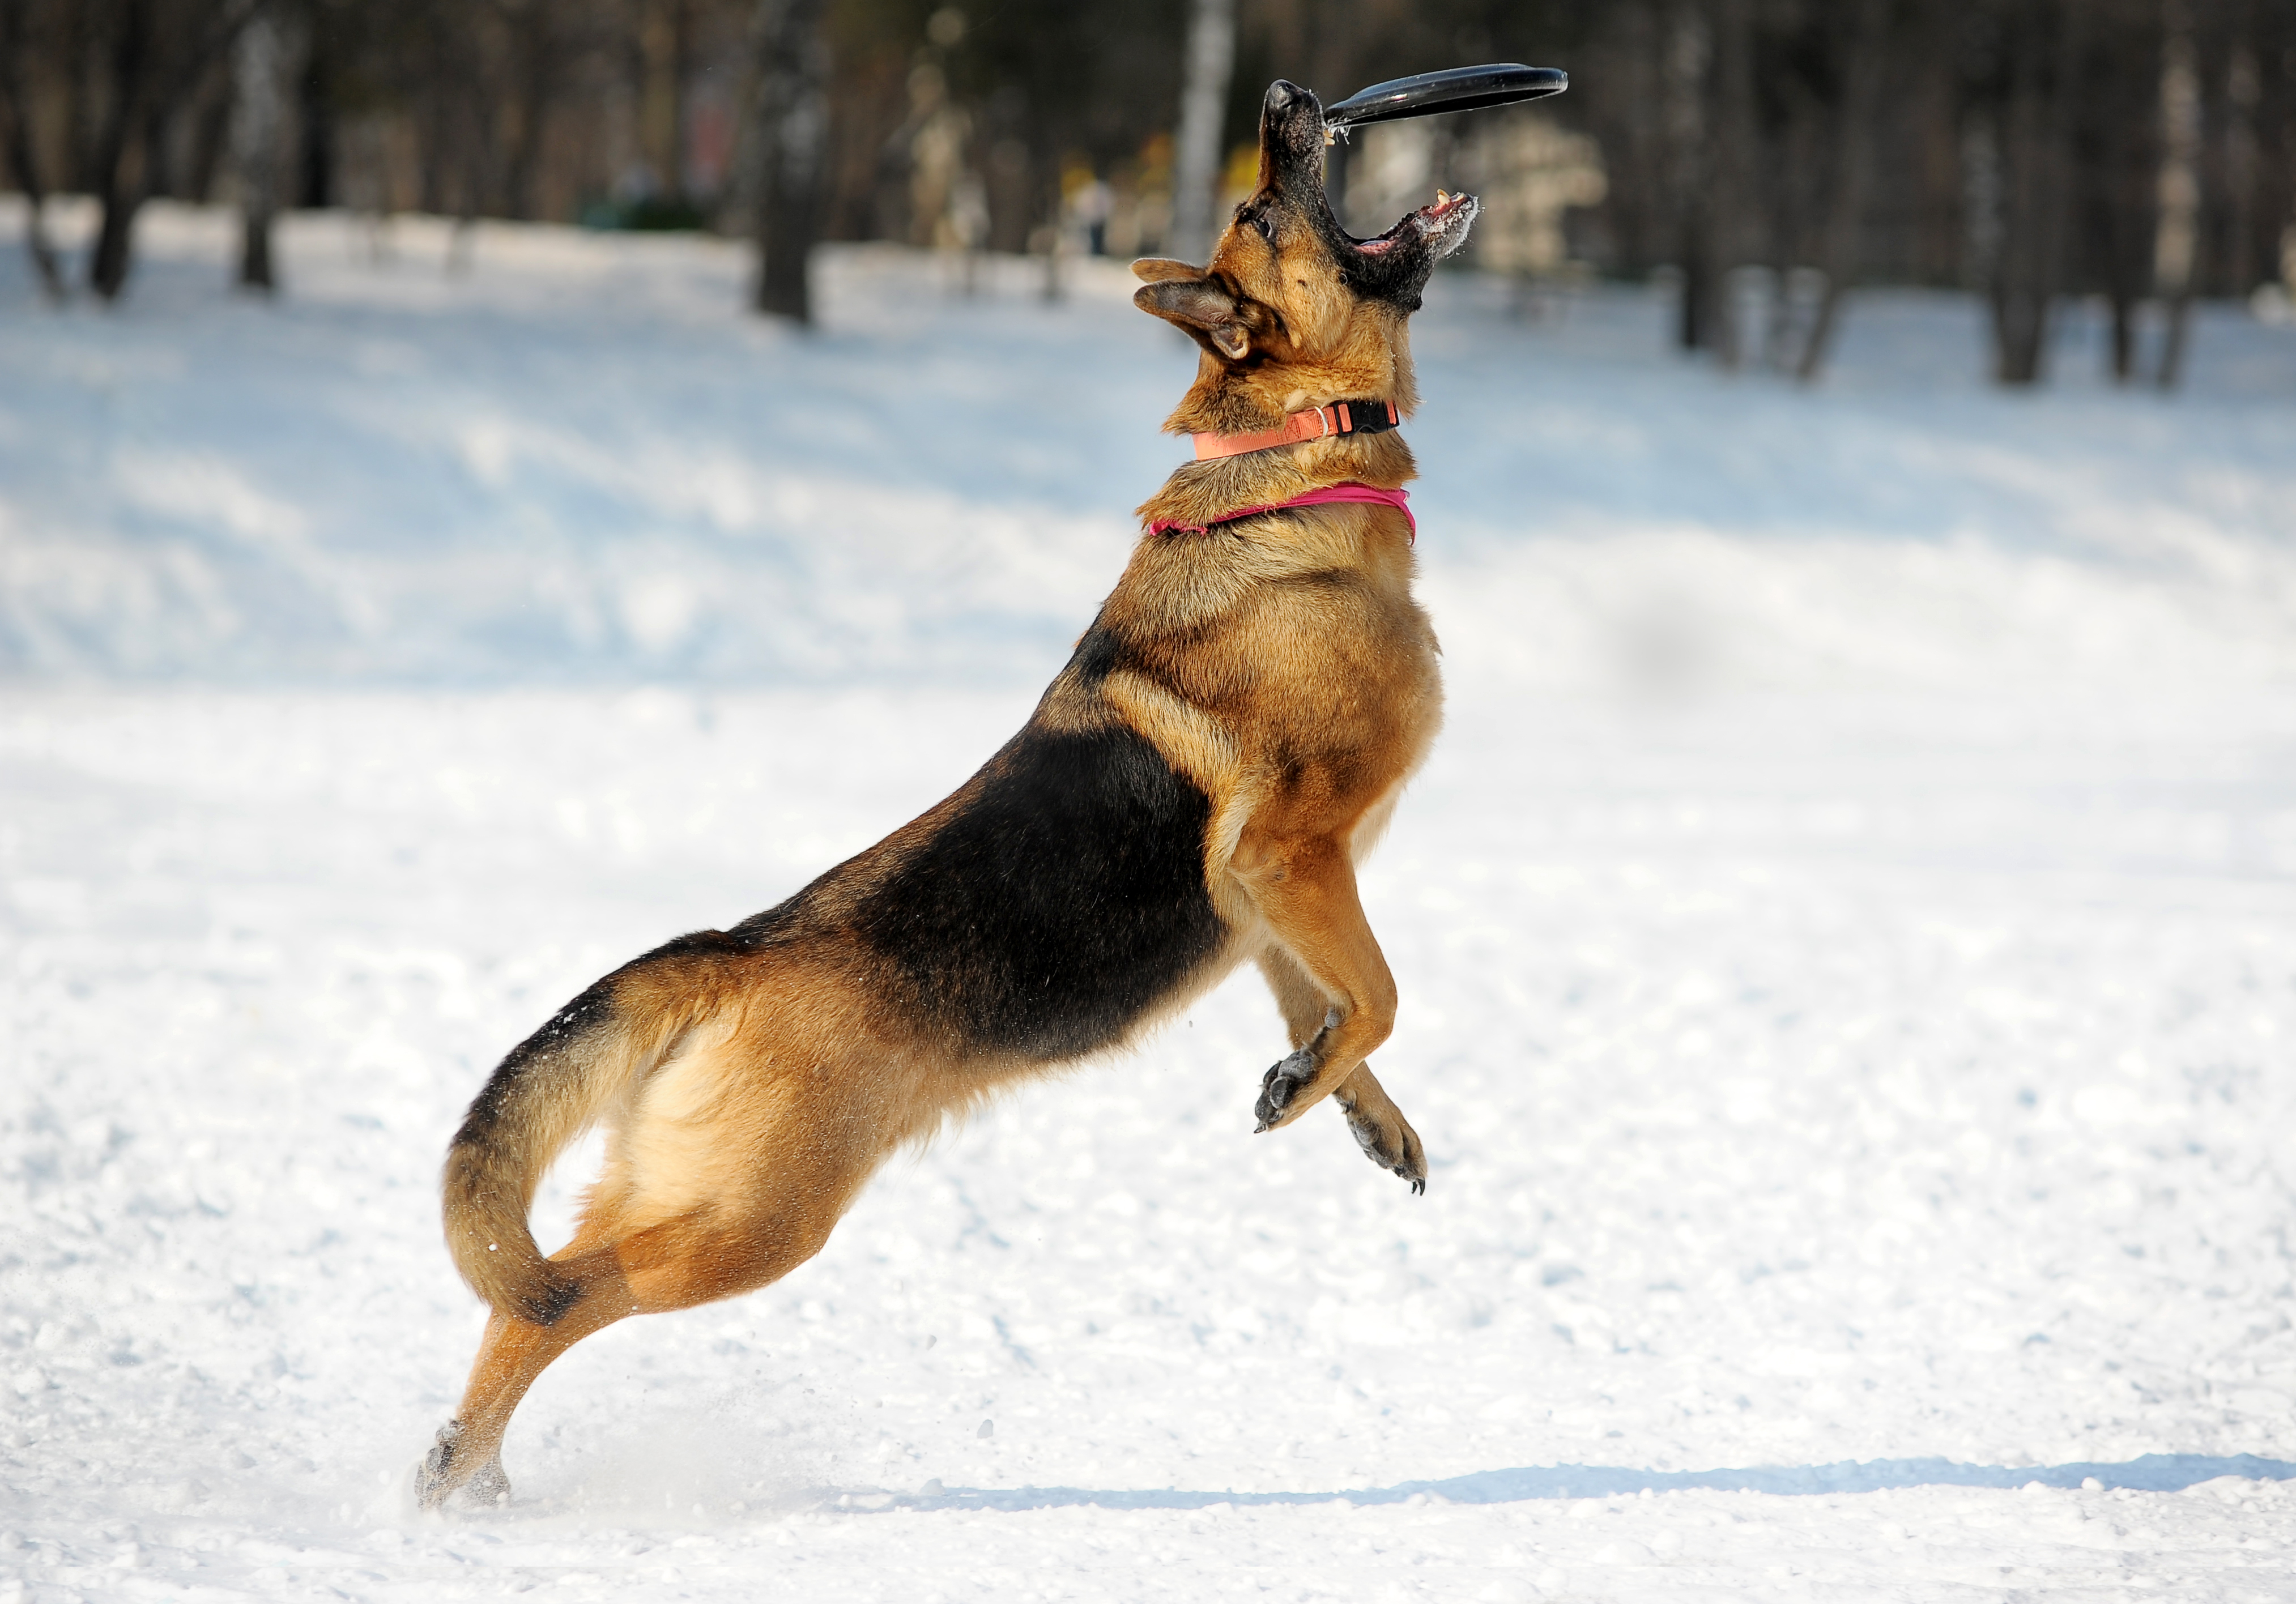 Ett positivt samband är att de hundar som får mycket lek och belöning av sin husse eller matte är de hundar som mår bäst.